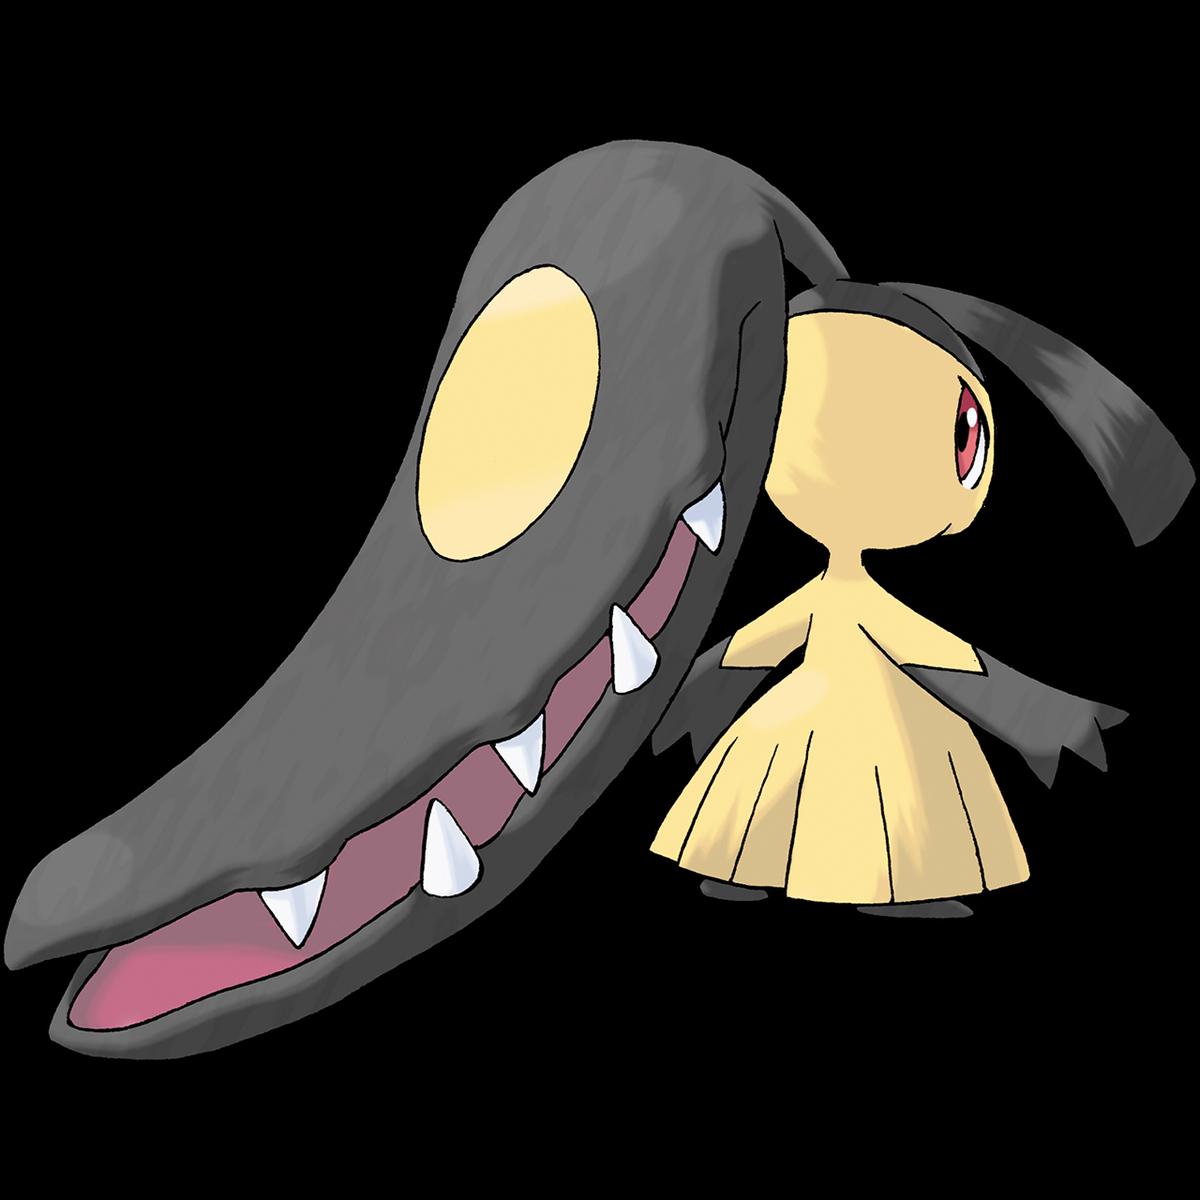 Mawile es exclusivo de Pokémon Sword